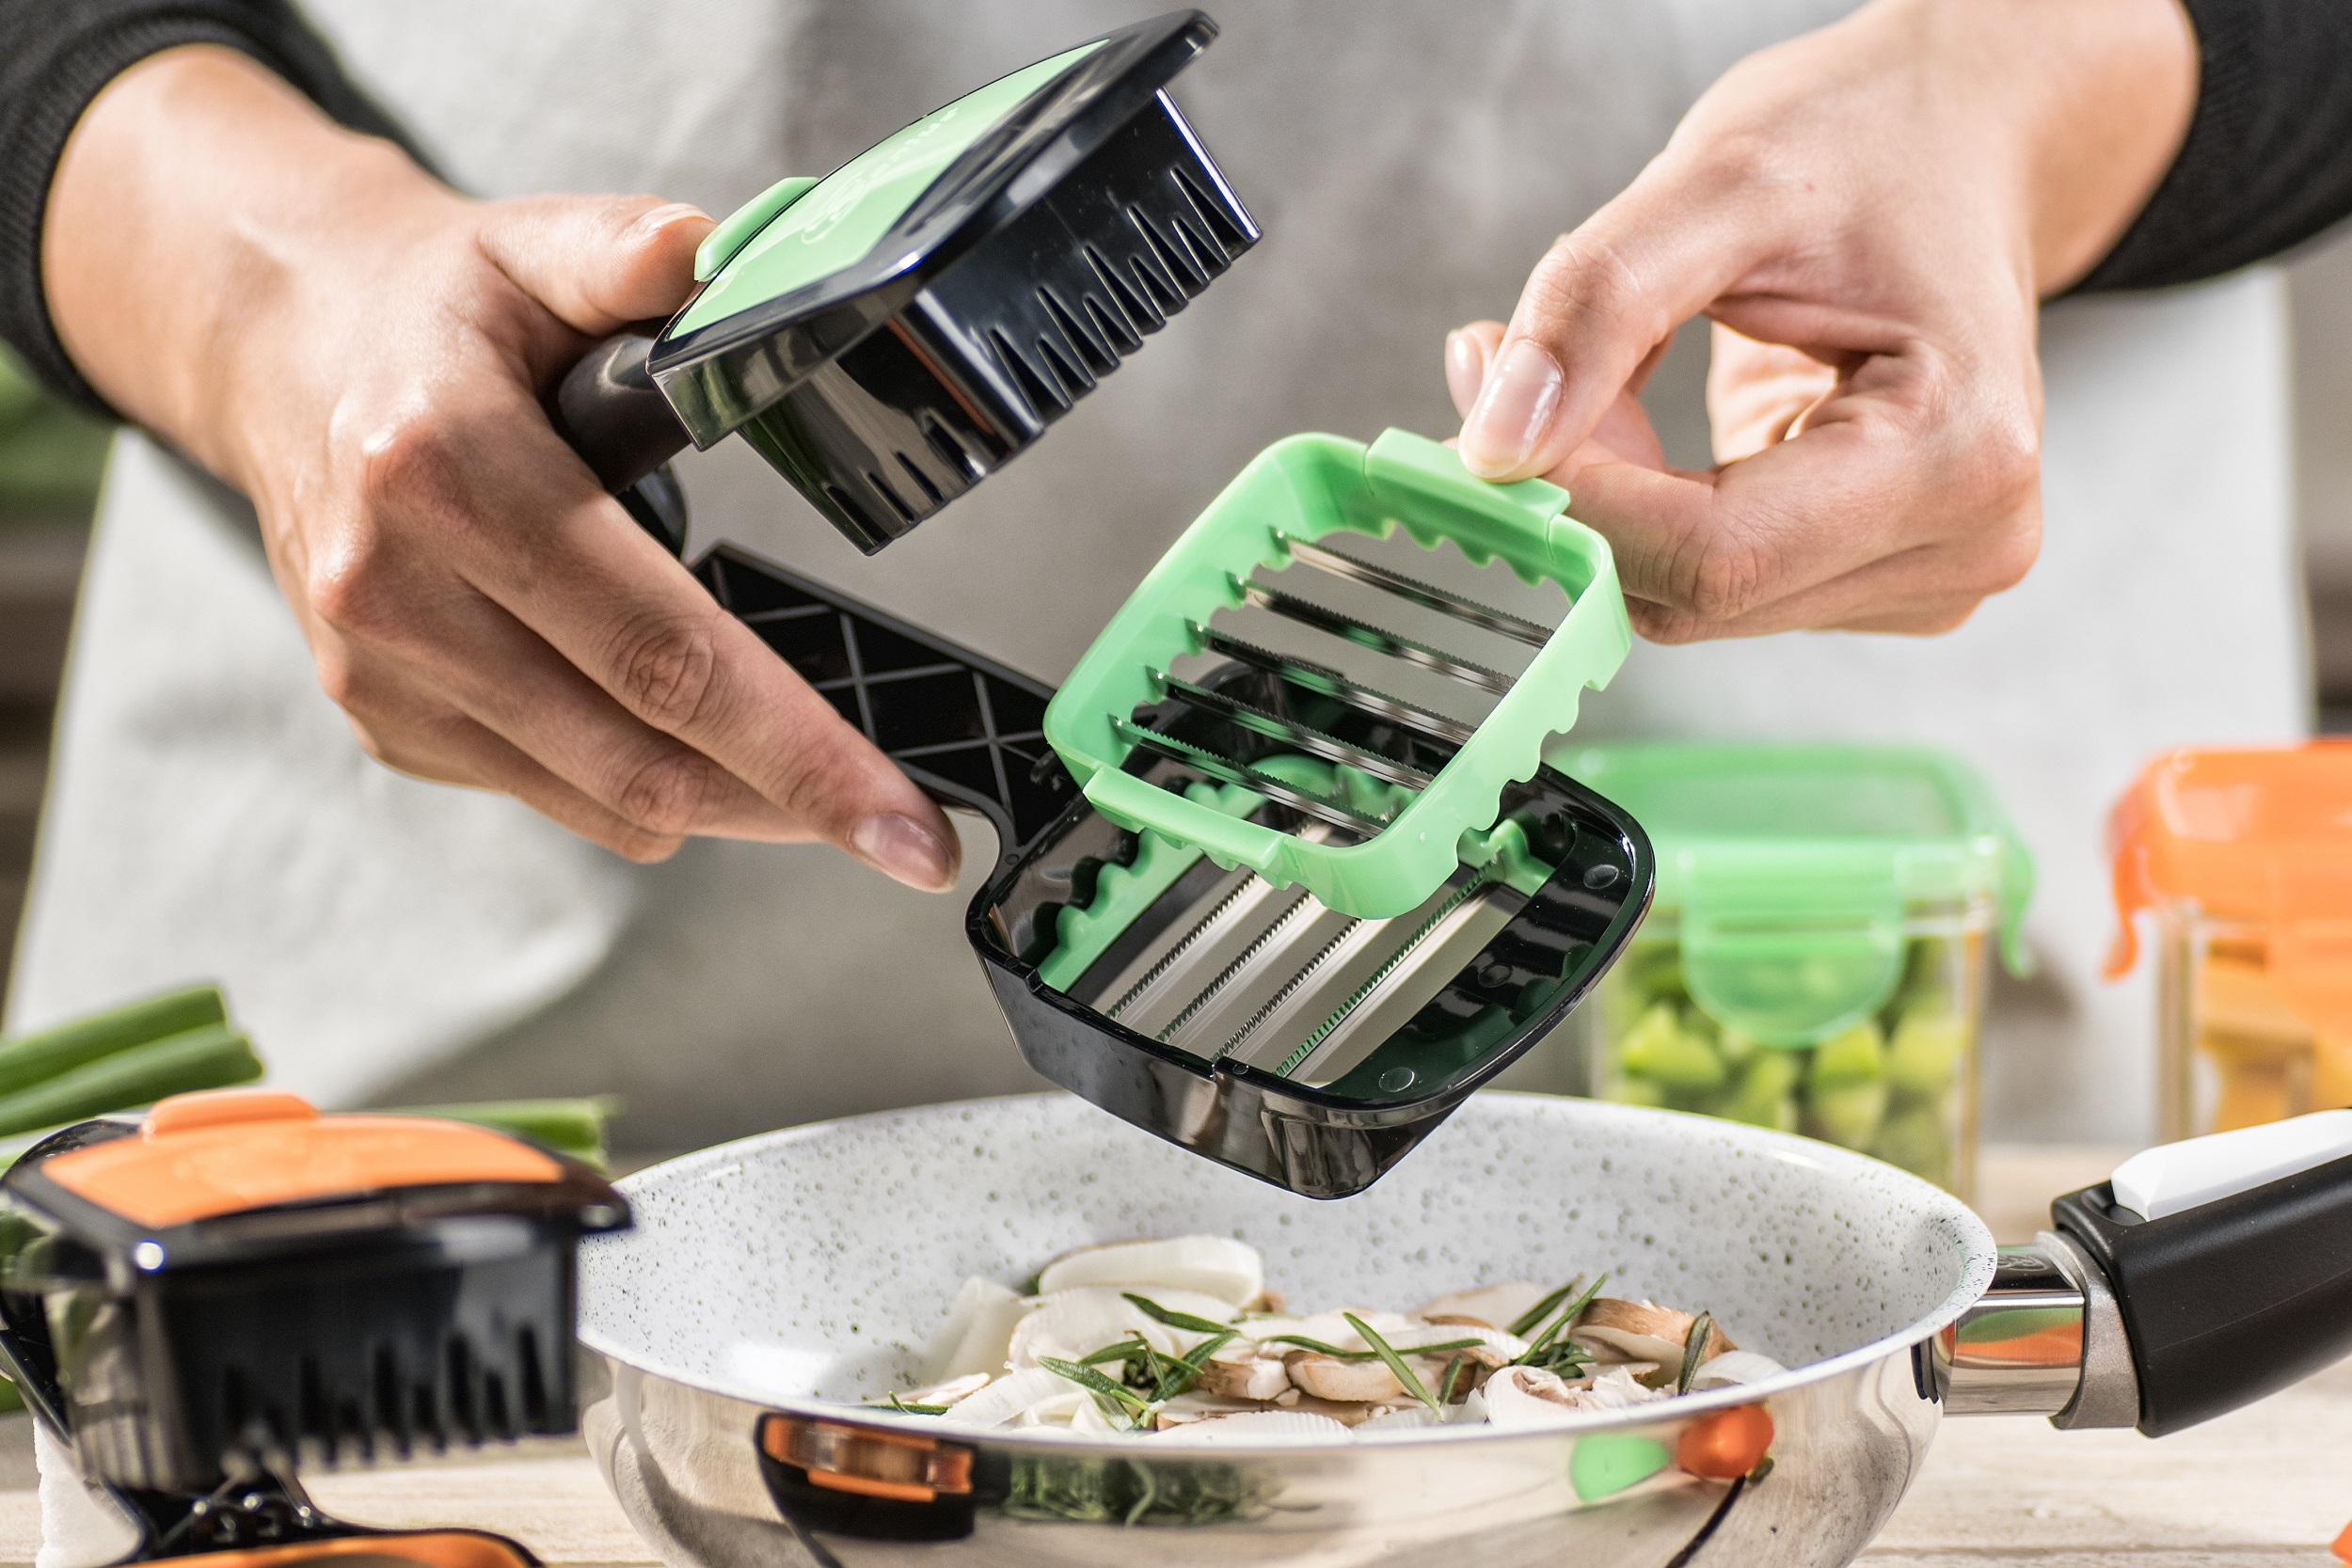 Nicer Dicer Quick gruen Anwendung Messer wechseln20180328 0017 kleiner - Nicer Dicer Quick über 3 Millionen mal weltweit verkauft